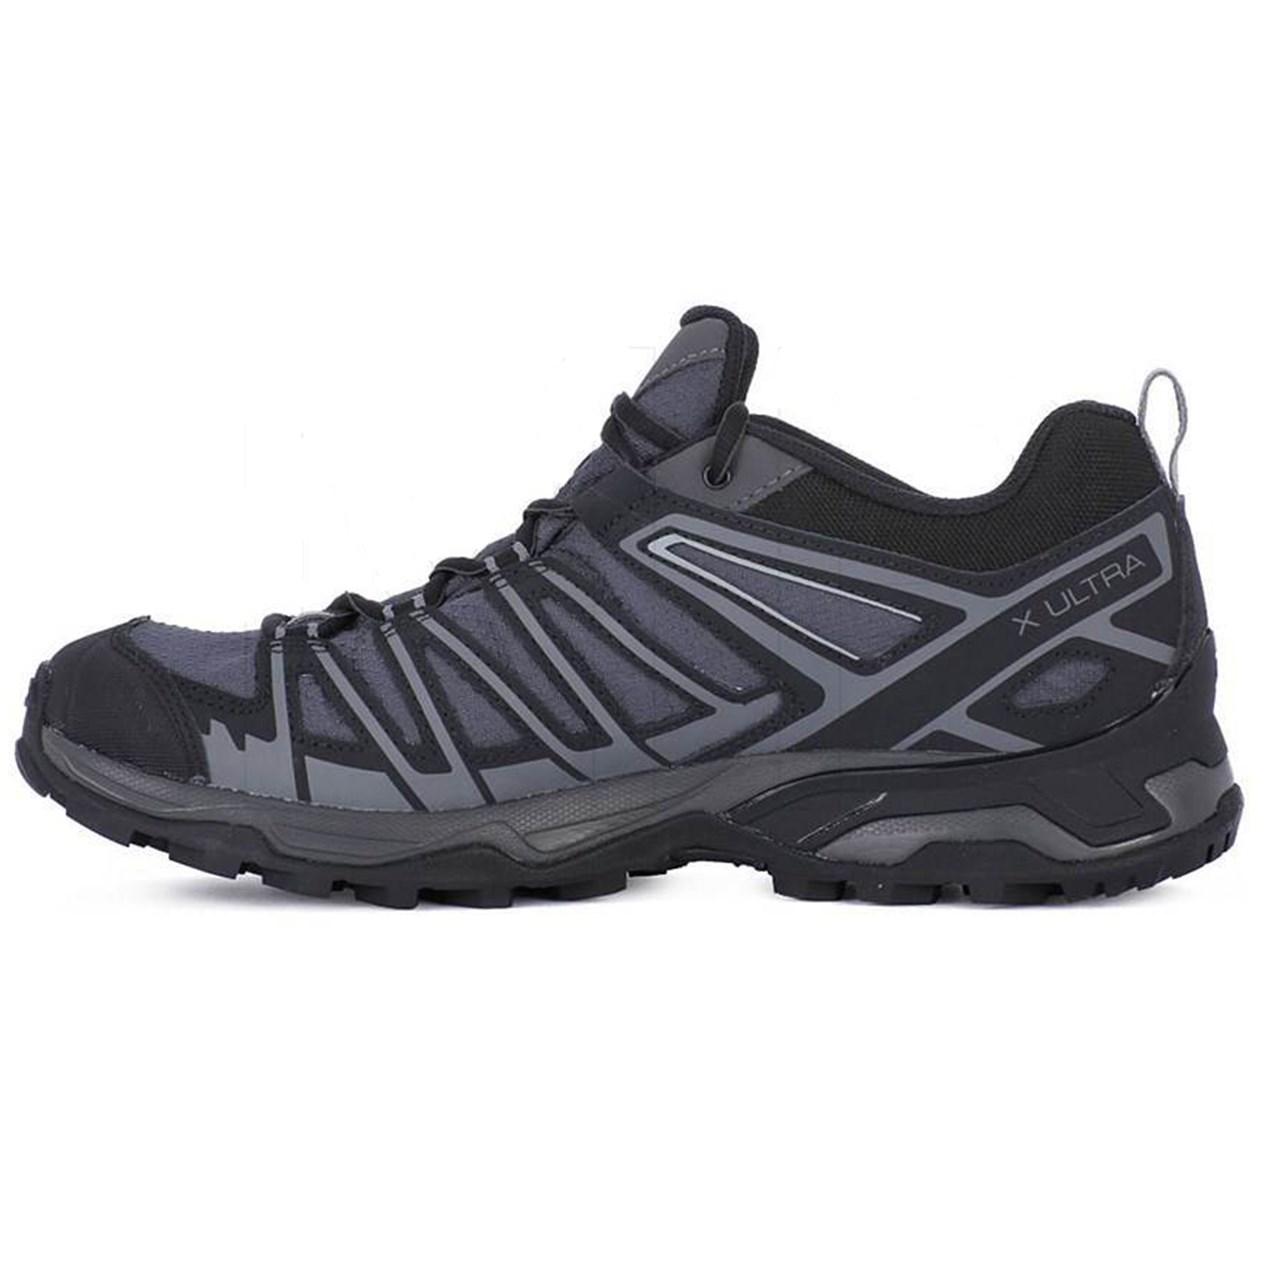 قیمت کفش کوهنوردی مردانه سالومون مدل 402461